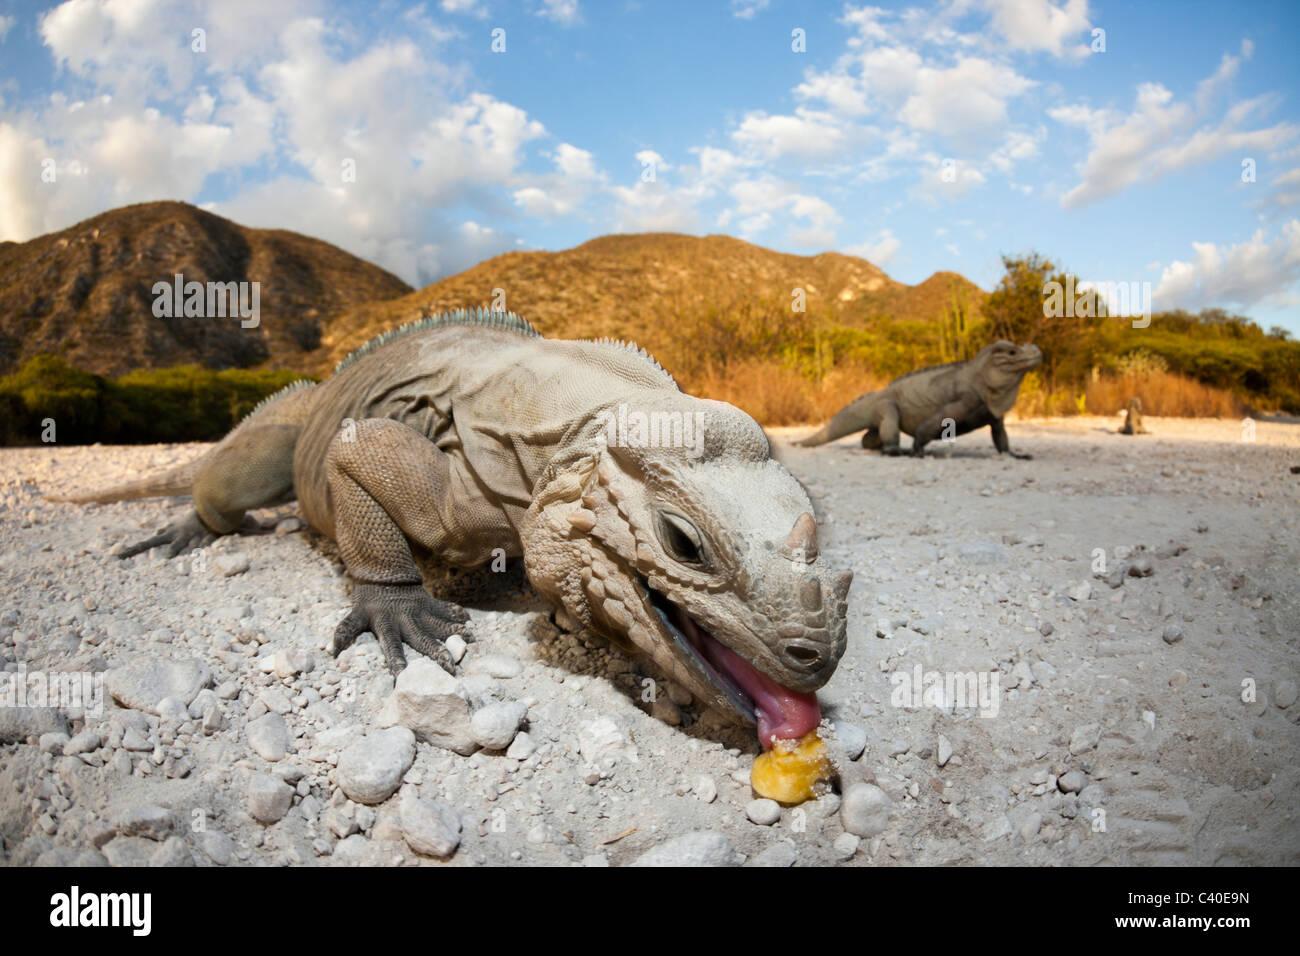 Iguana rinoceronte, Cyclura cornuta, Parque Nacional Isla Cabritos, del Lago Enriquillo, República Dominicana Imagen De Stock